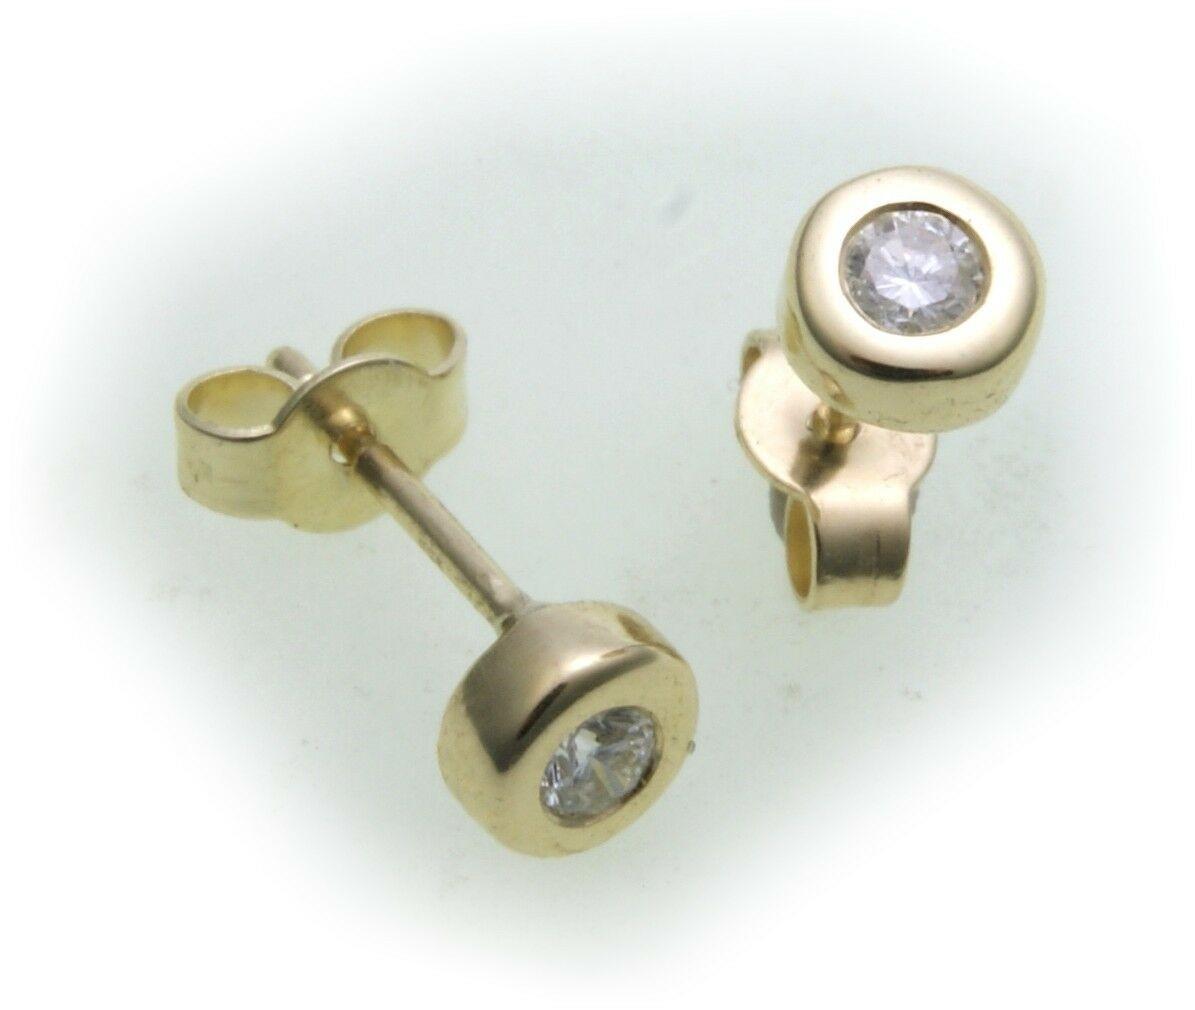 Damen Ohrringe Ohrstecker echt Gold 750 Brillant 0,10 ct 18 kt Gelbgold Diamant